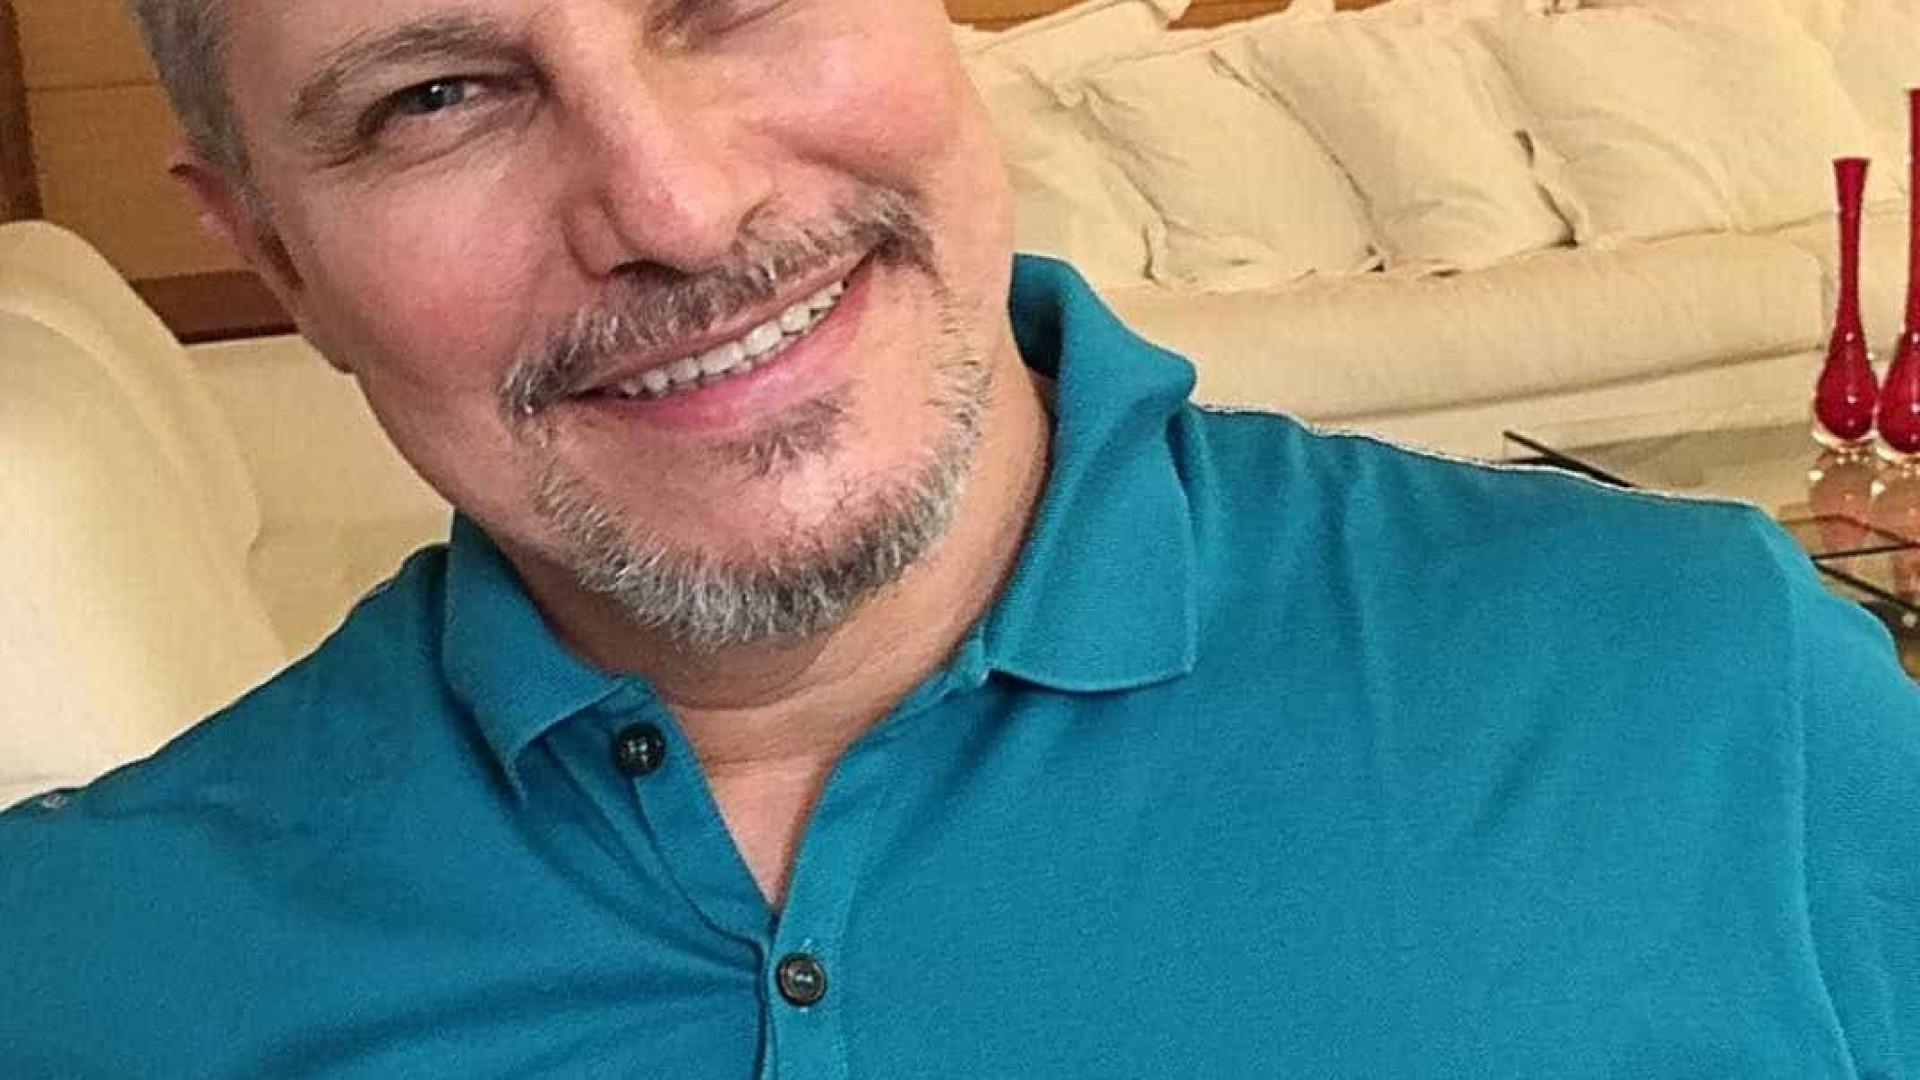 Curado, Edson Celulari fala sobre cuidados após câncer